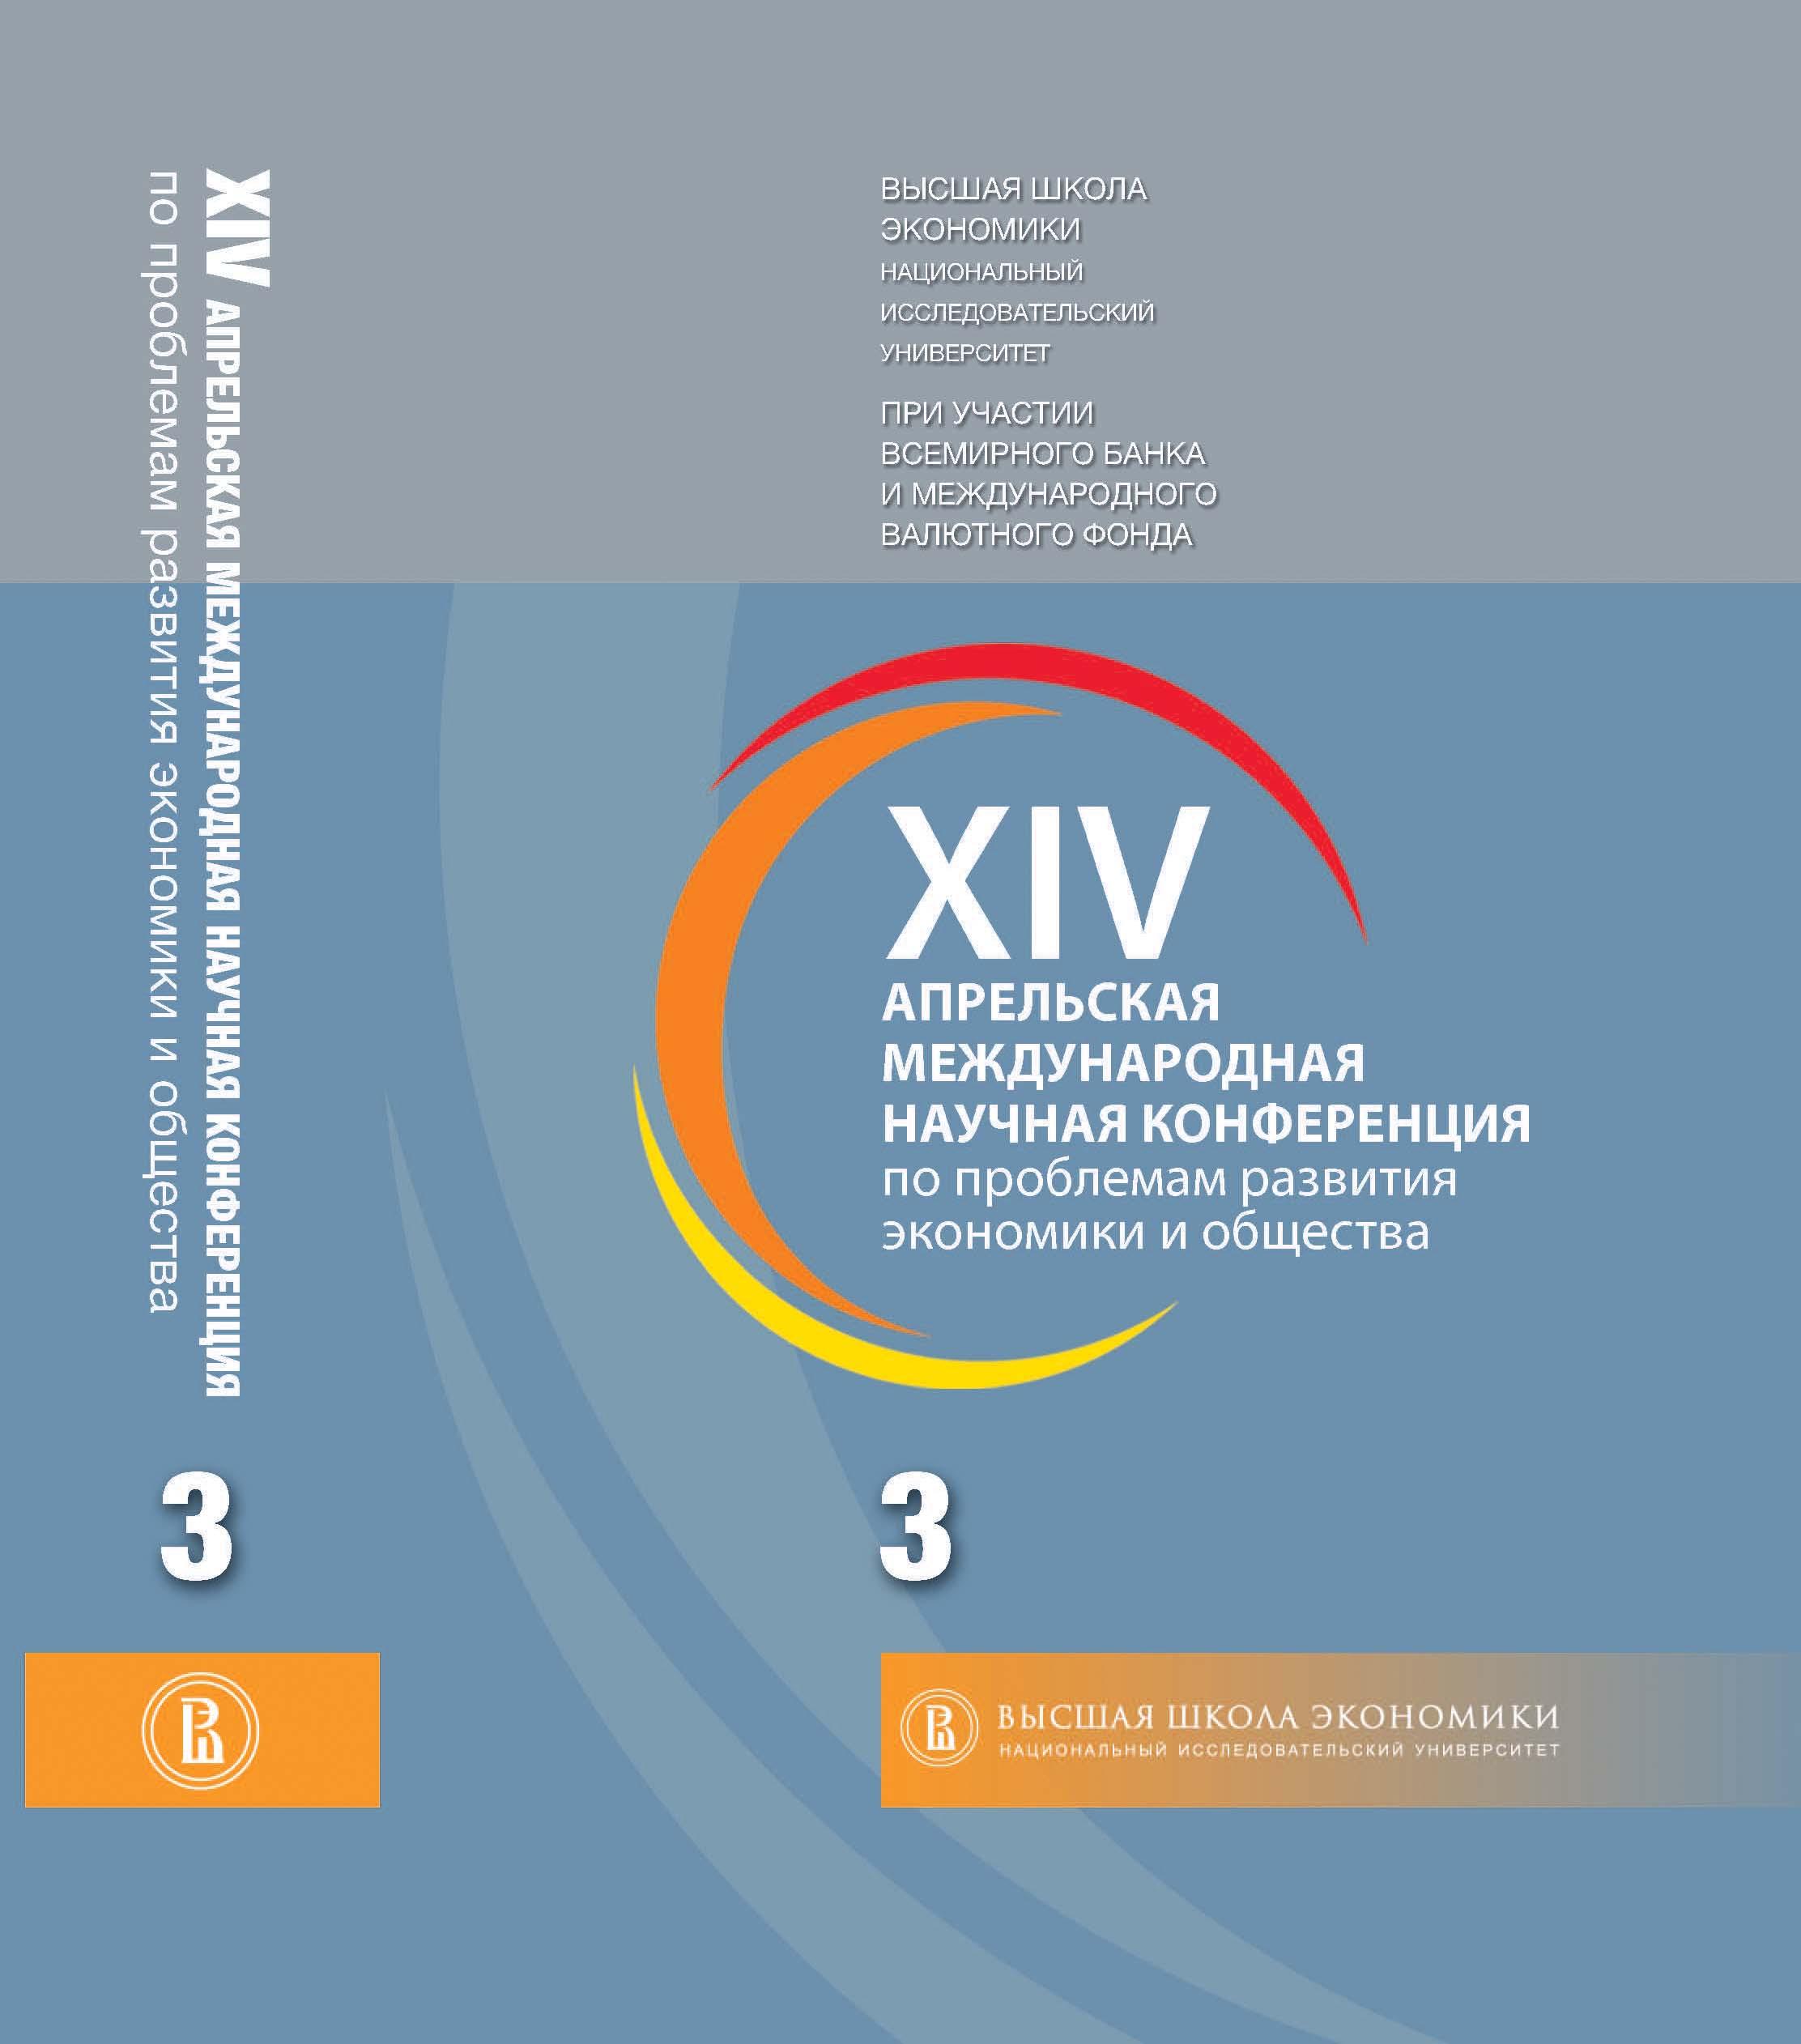 XIV Апрельская международная научная конференция по проблемам развития экономики и общества: в 4-х книгах. Книга 3